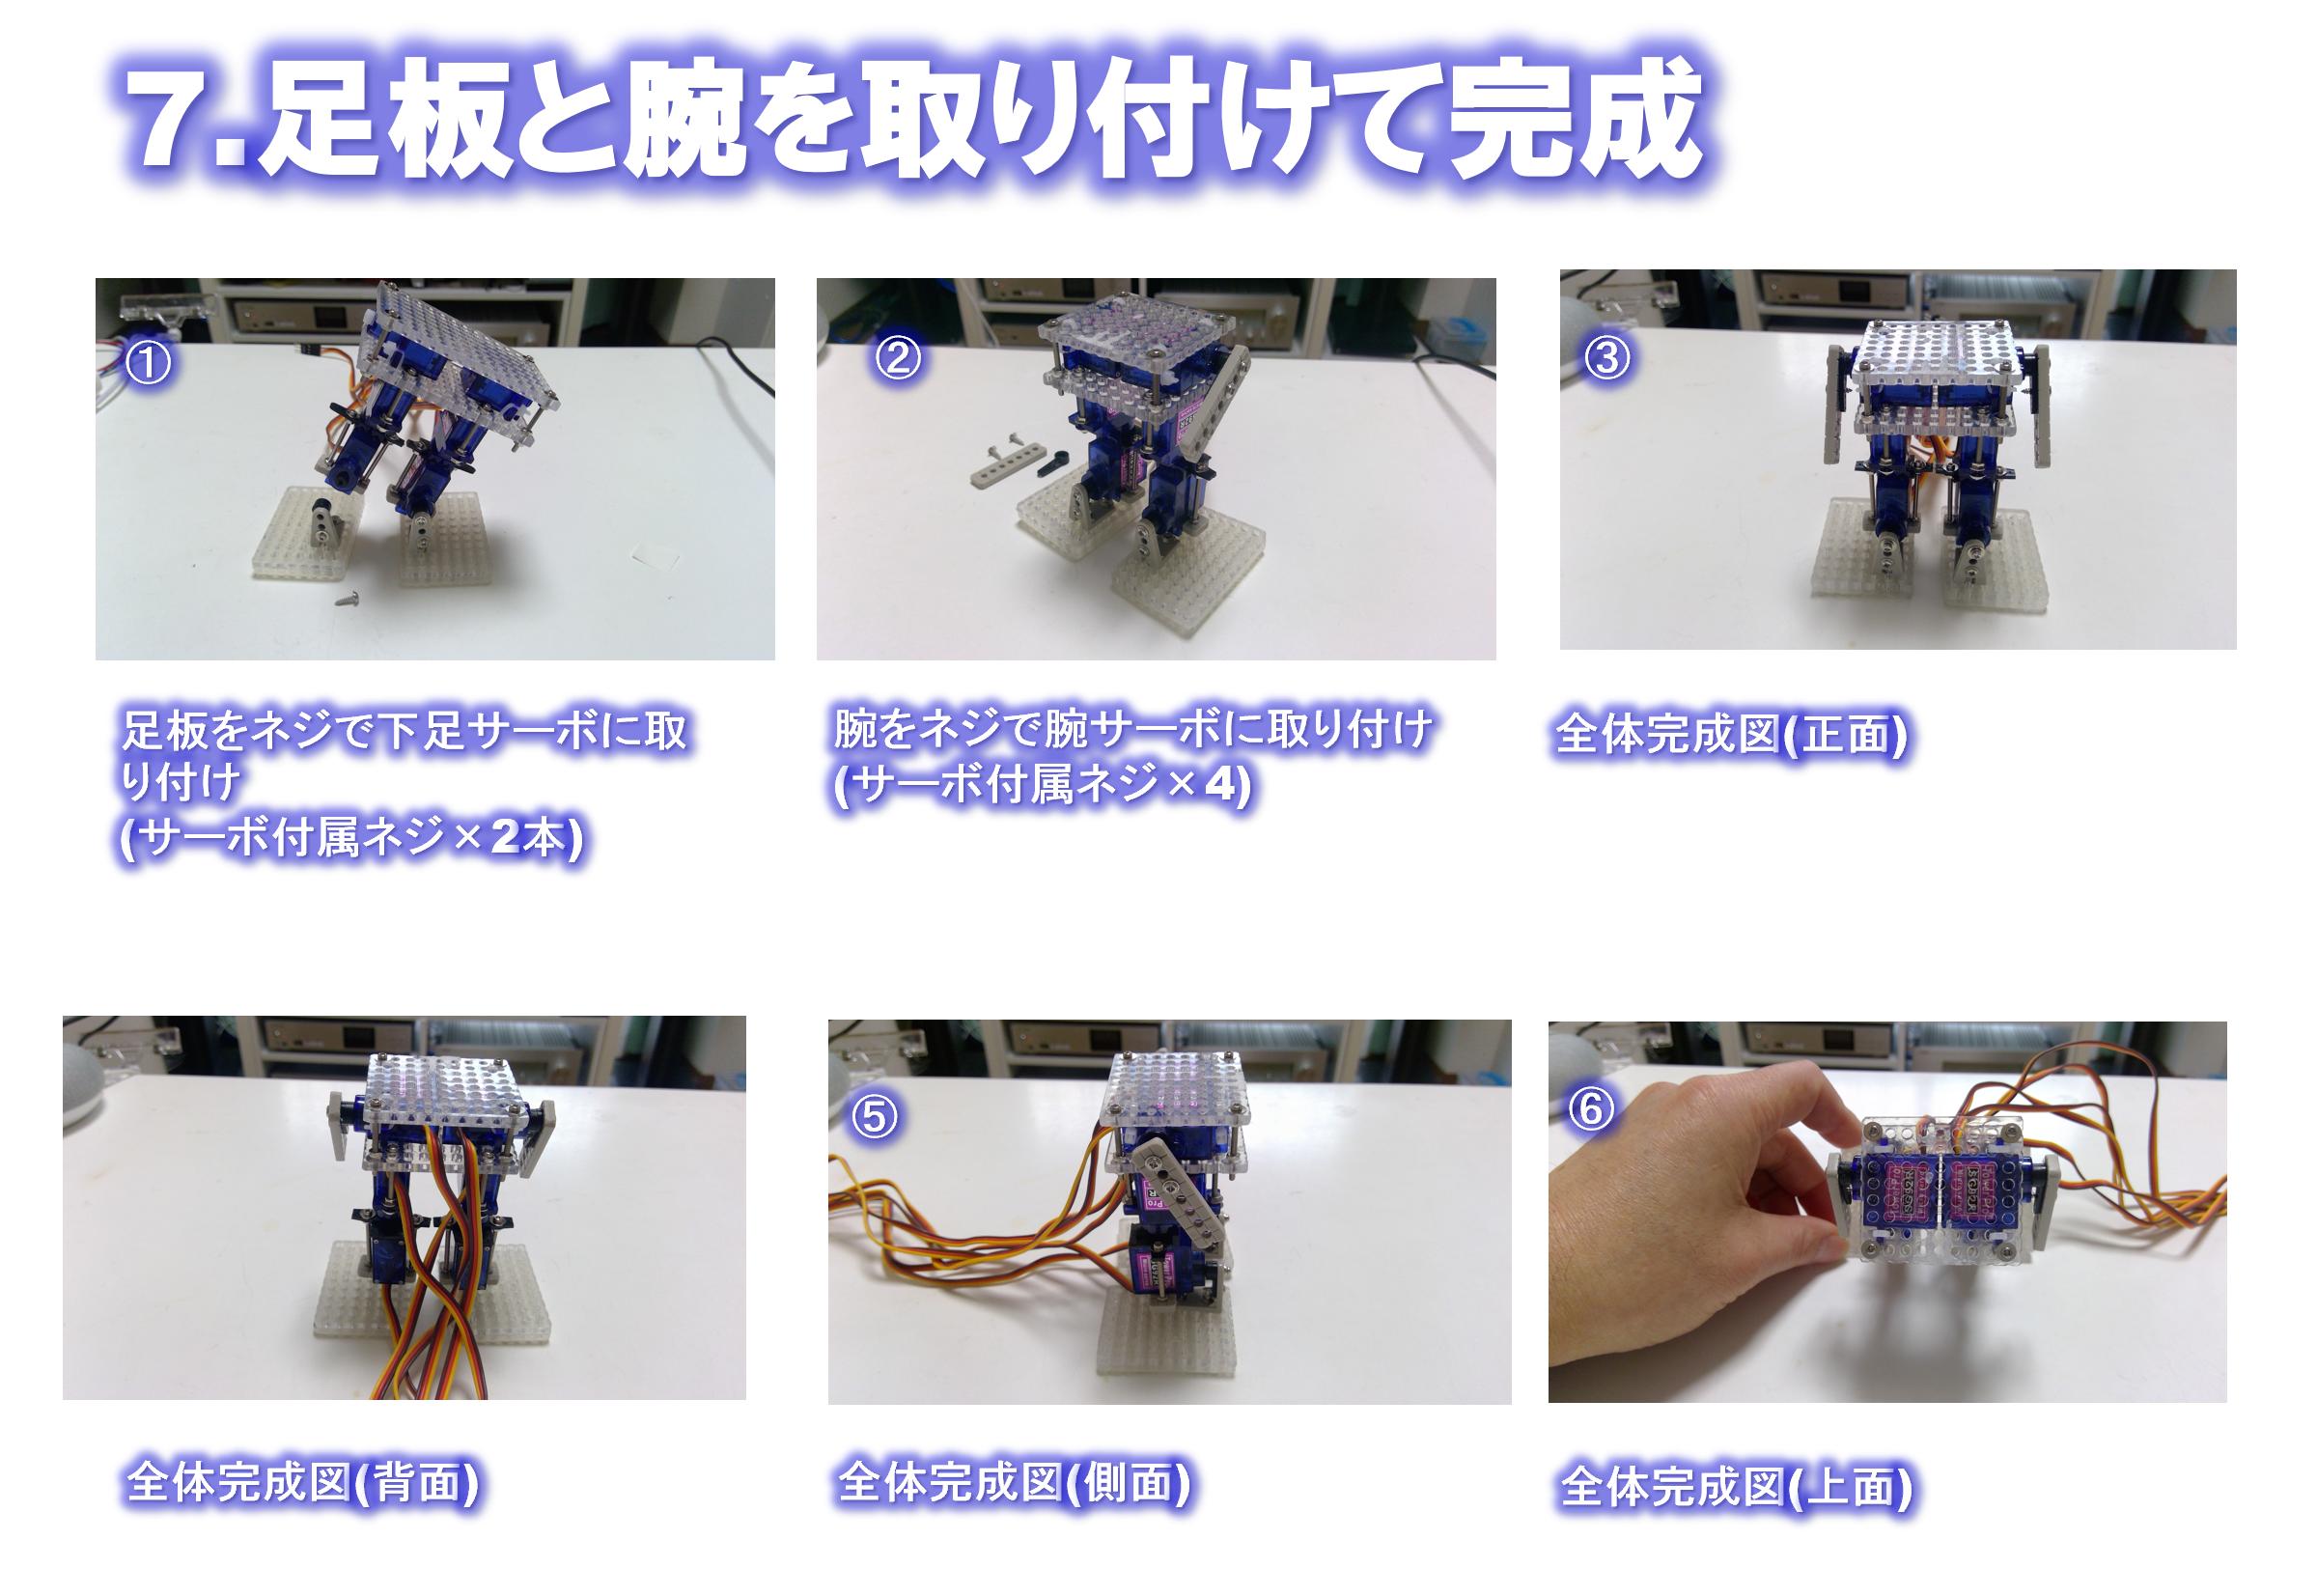 組み立て 2足歩行ロボット-7.png